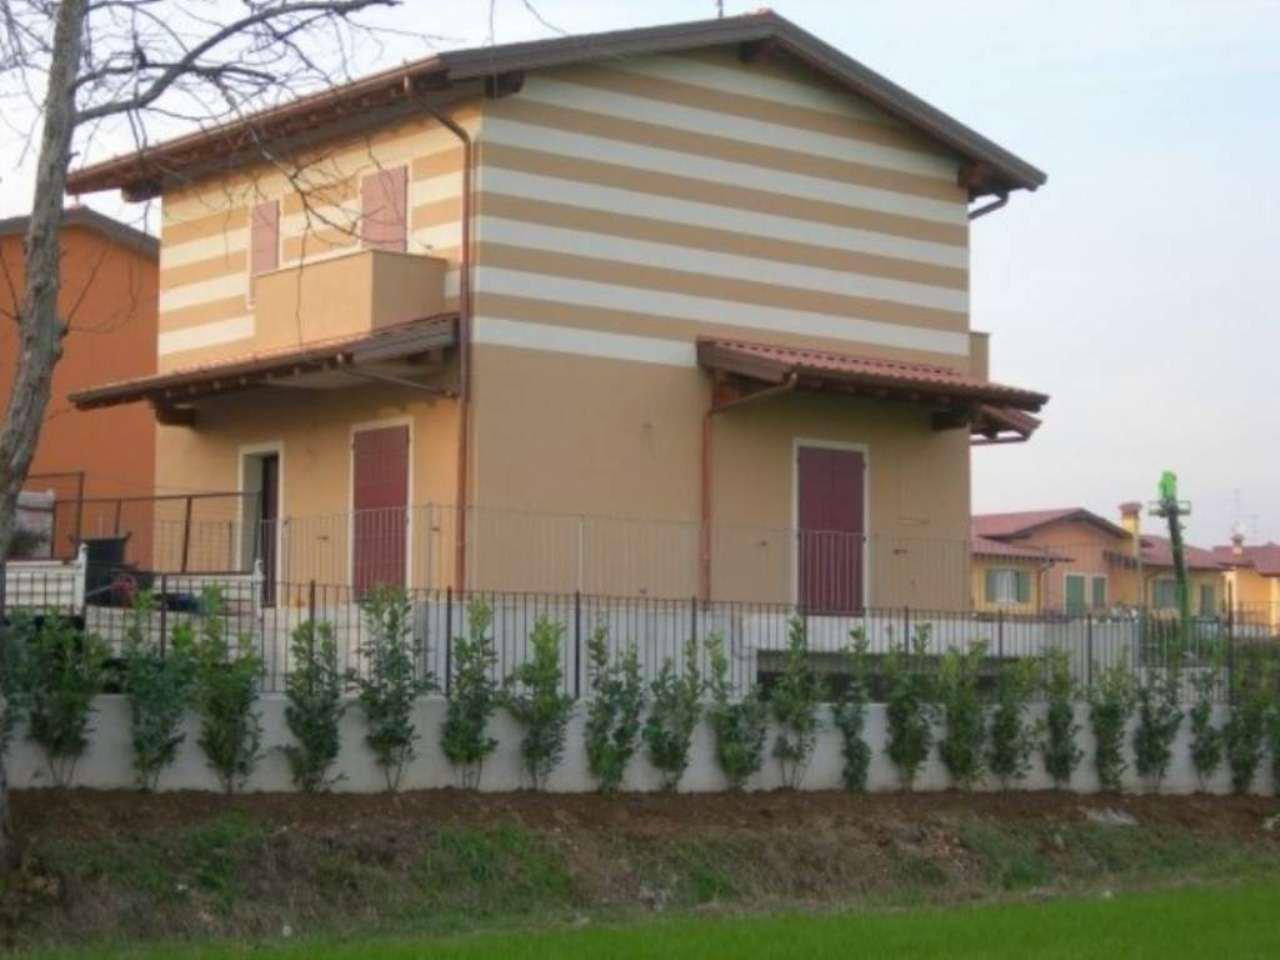 Villa in vendita a Torbole Casaglia, 4 locali, prezzo € 410.000 | PortaleAgenzieImmobiliari.it